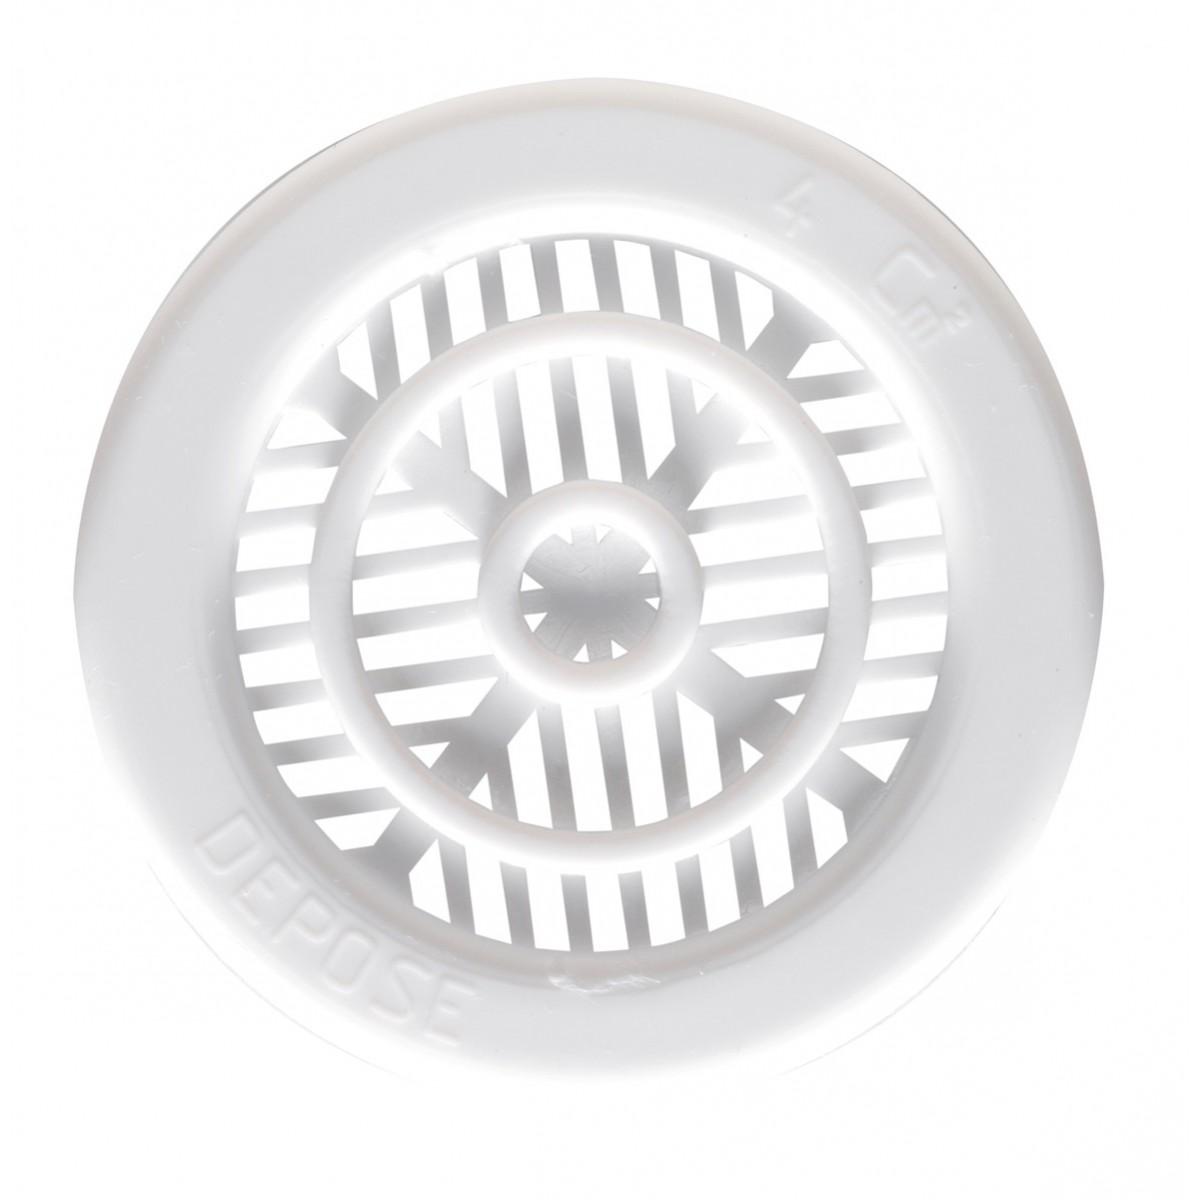 Grille plastique à encastrer pour contre-cloison DMO - Menuiserie - Longueur 10 mm - Diamètre 45 mm